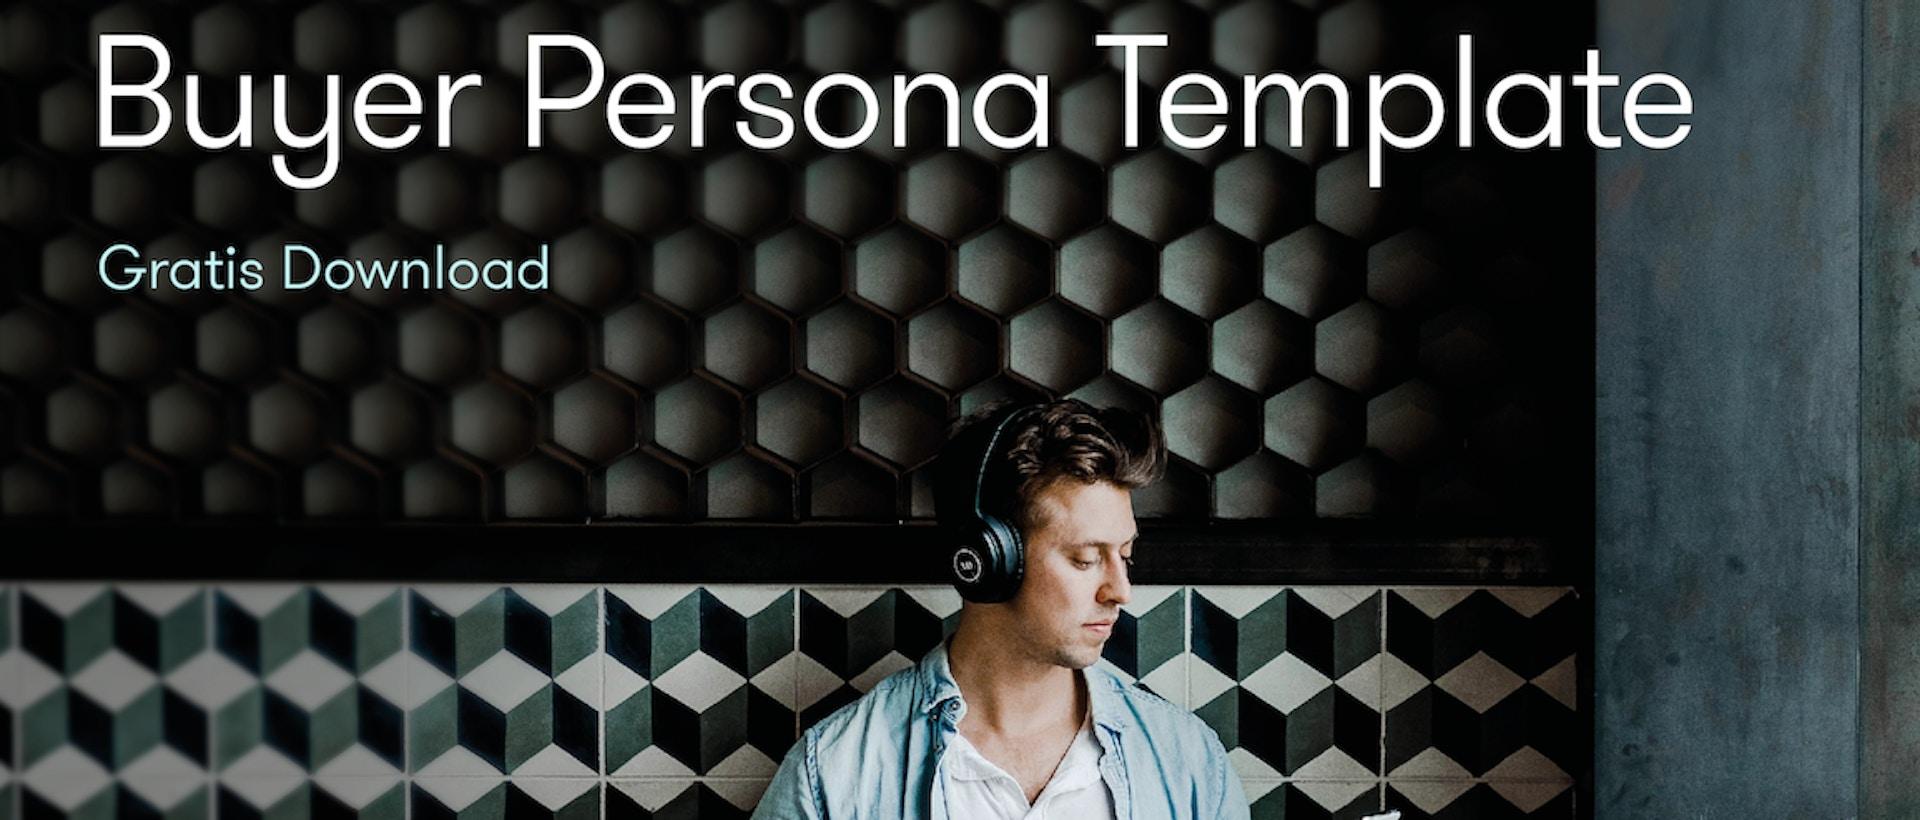 Buyer Persona Template Gratis Download